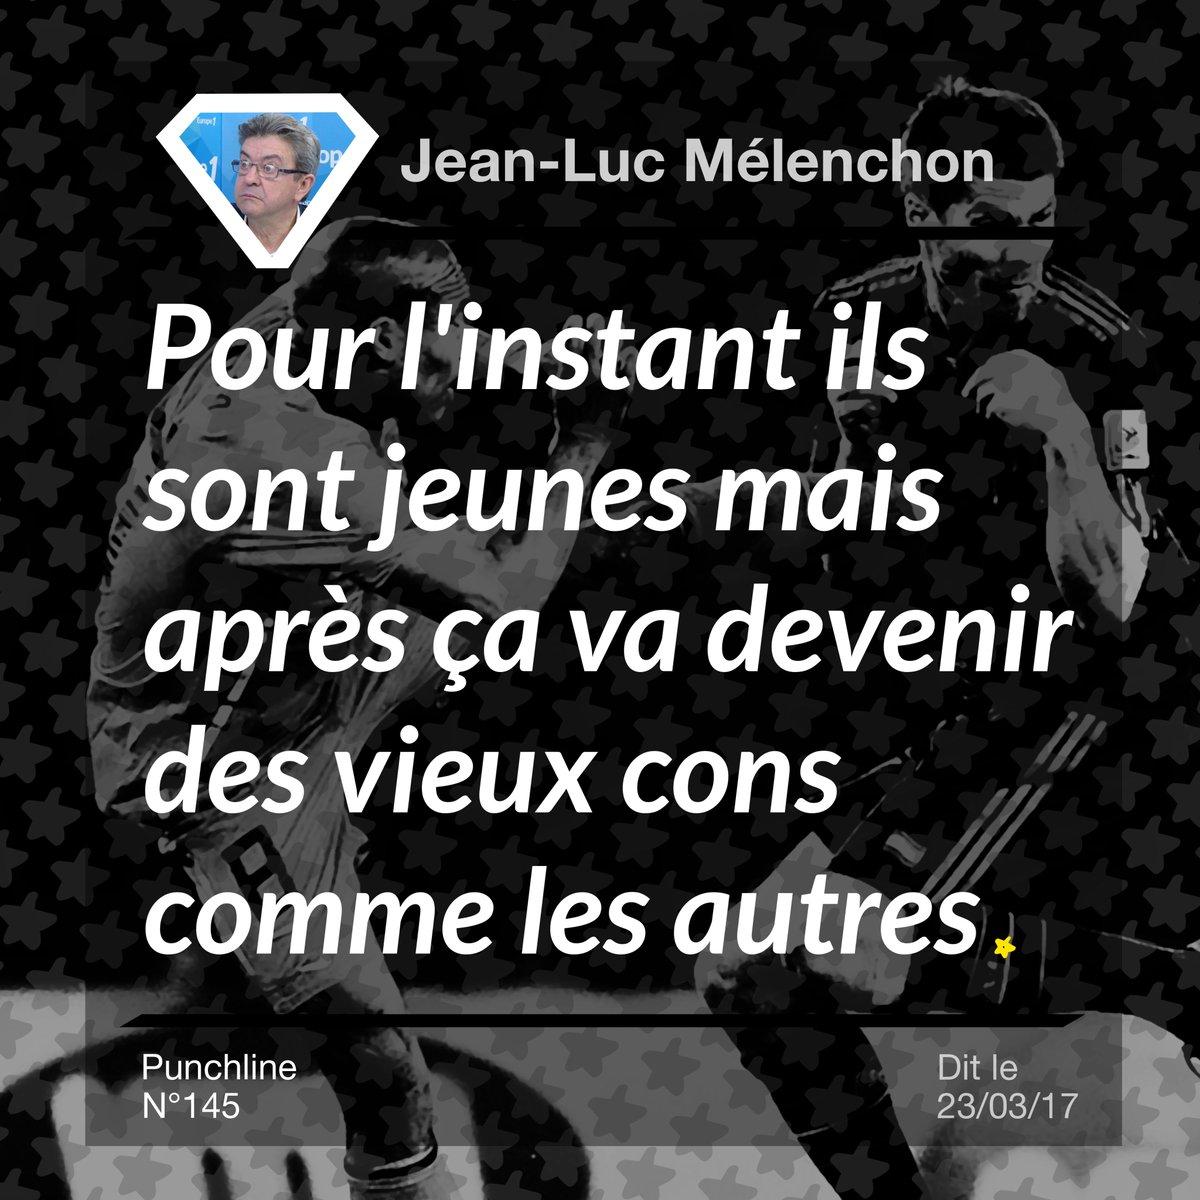 Le #candidat aux #Présidentielles2017 @JLMelenchon était interviewé par l&#39;équipe de @Qofficiel, #jeudi dernier. #Essec #Plaah.<br>http://pic.twitter.com/8umtuiZaF2